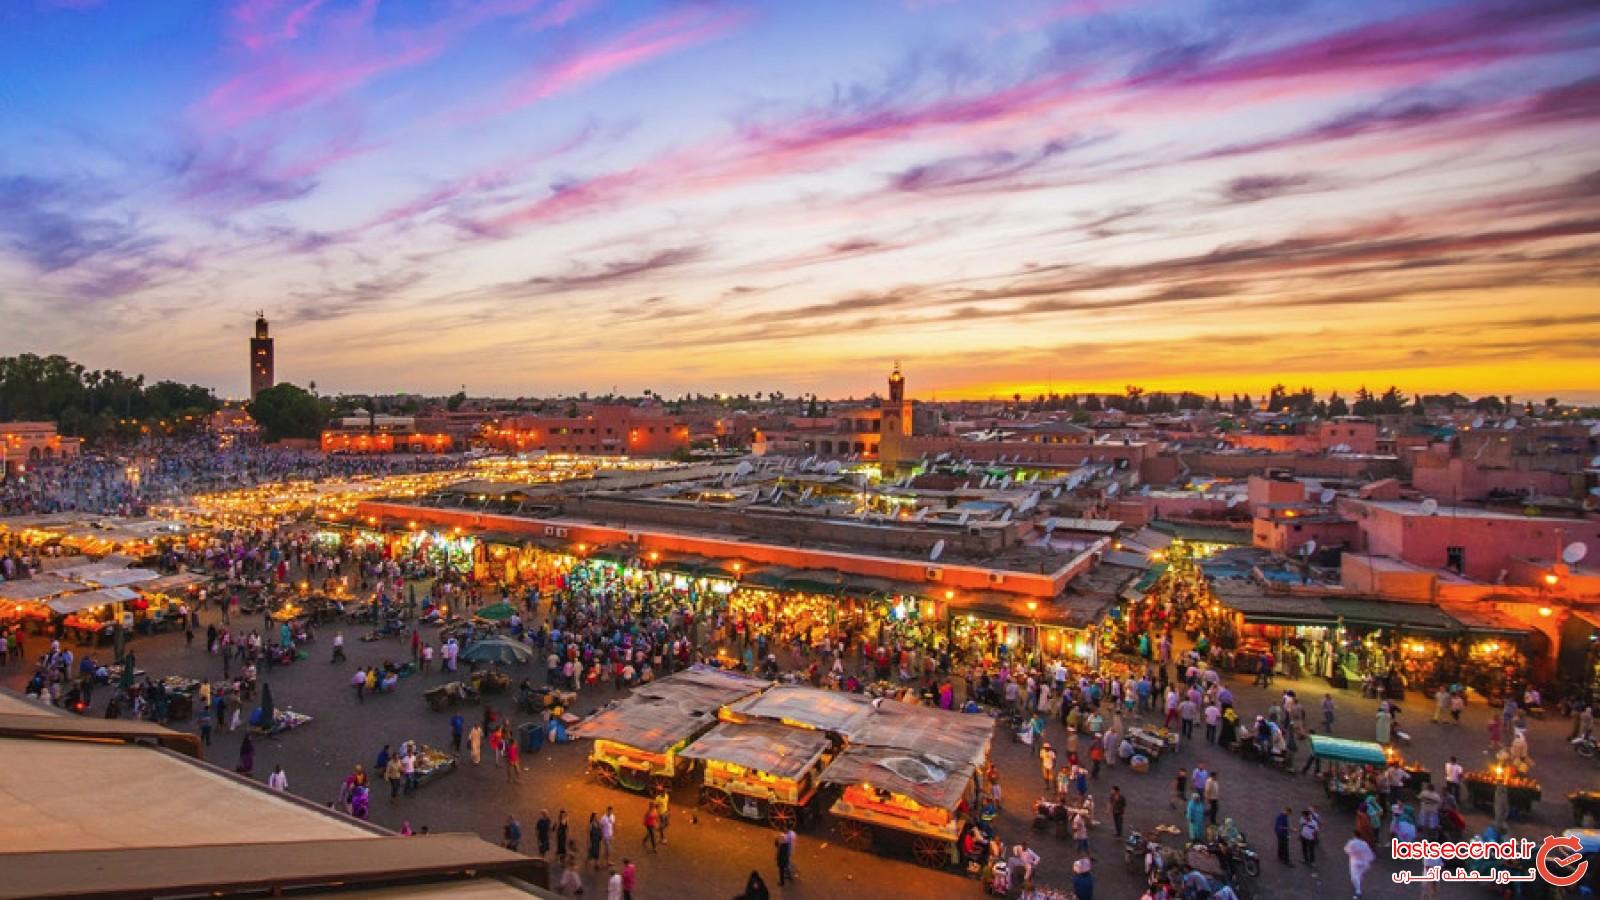 میدان جامع الفنا قلب تپنده شهر مراکش